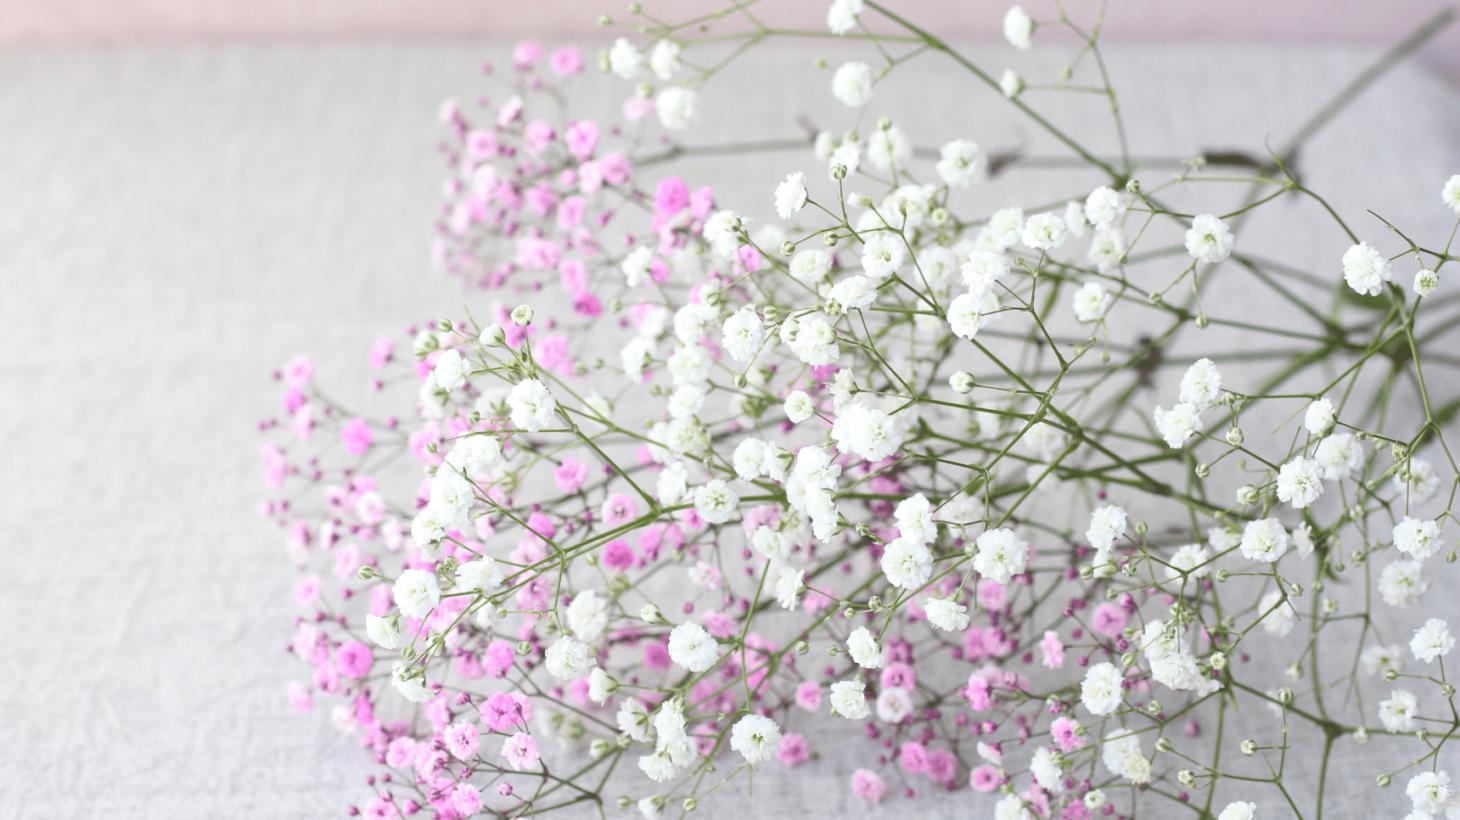 花 しょう ま を 名 も に は ない 名前 付け 名のない花には名前を付けましょう。【2】